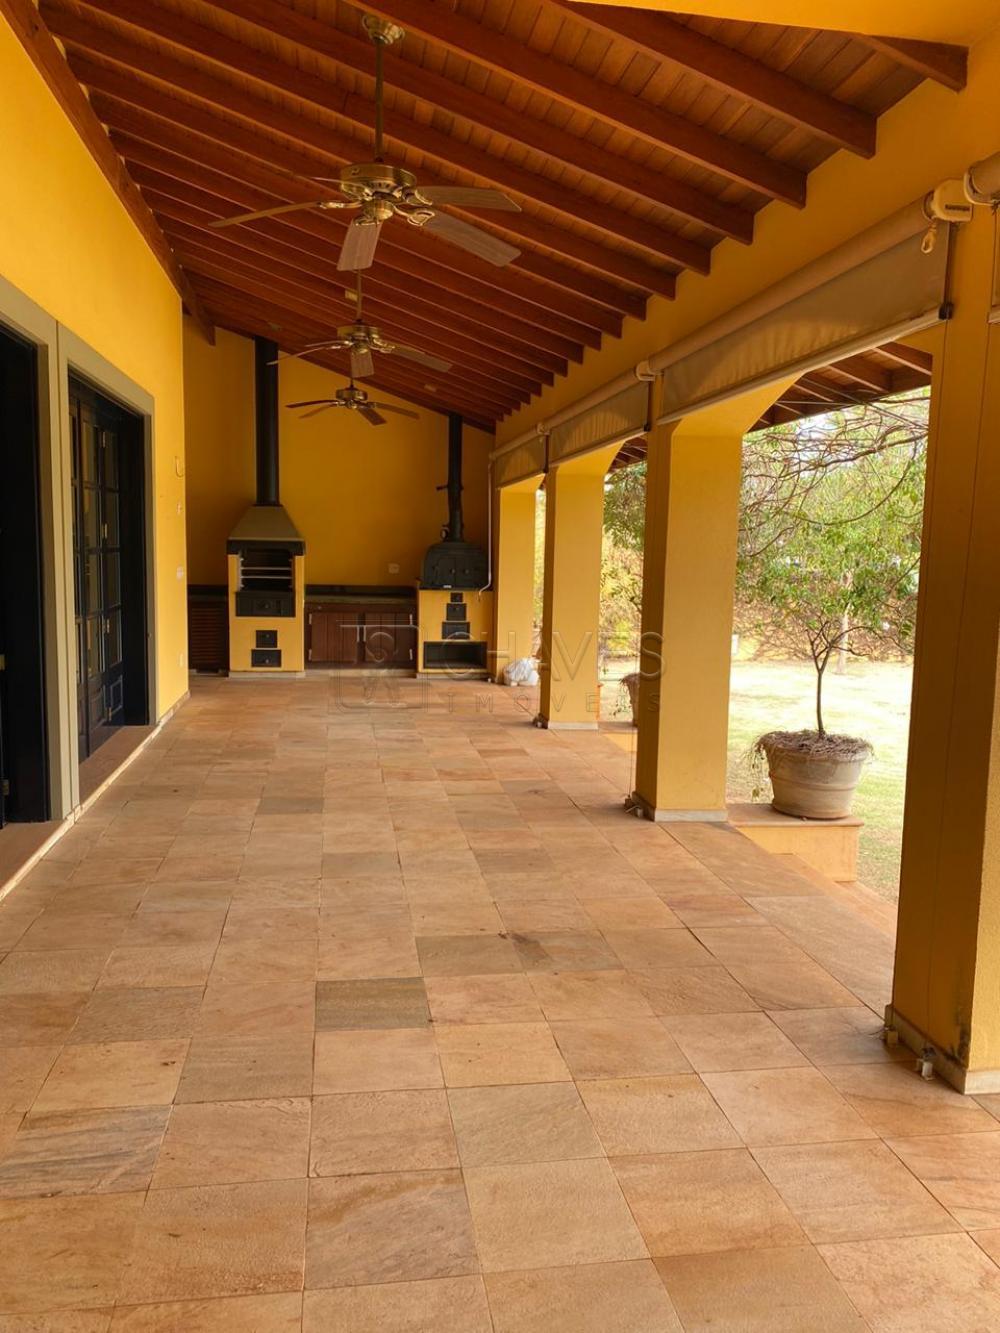 Comprar Casa / Condomínio em Ribeirão Preto apenas R$ 4.900.000,00 - Foto 5